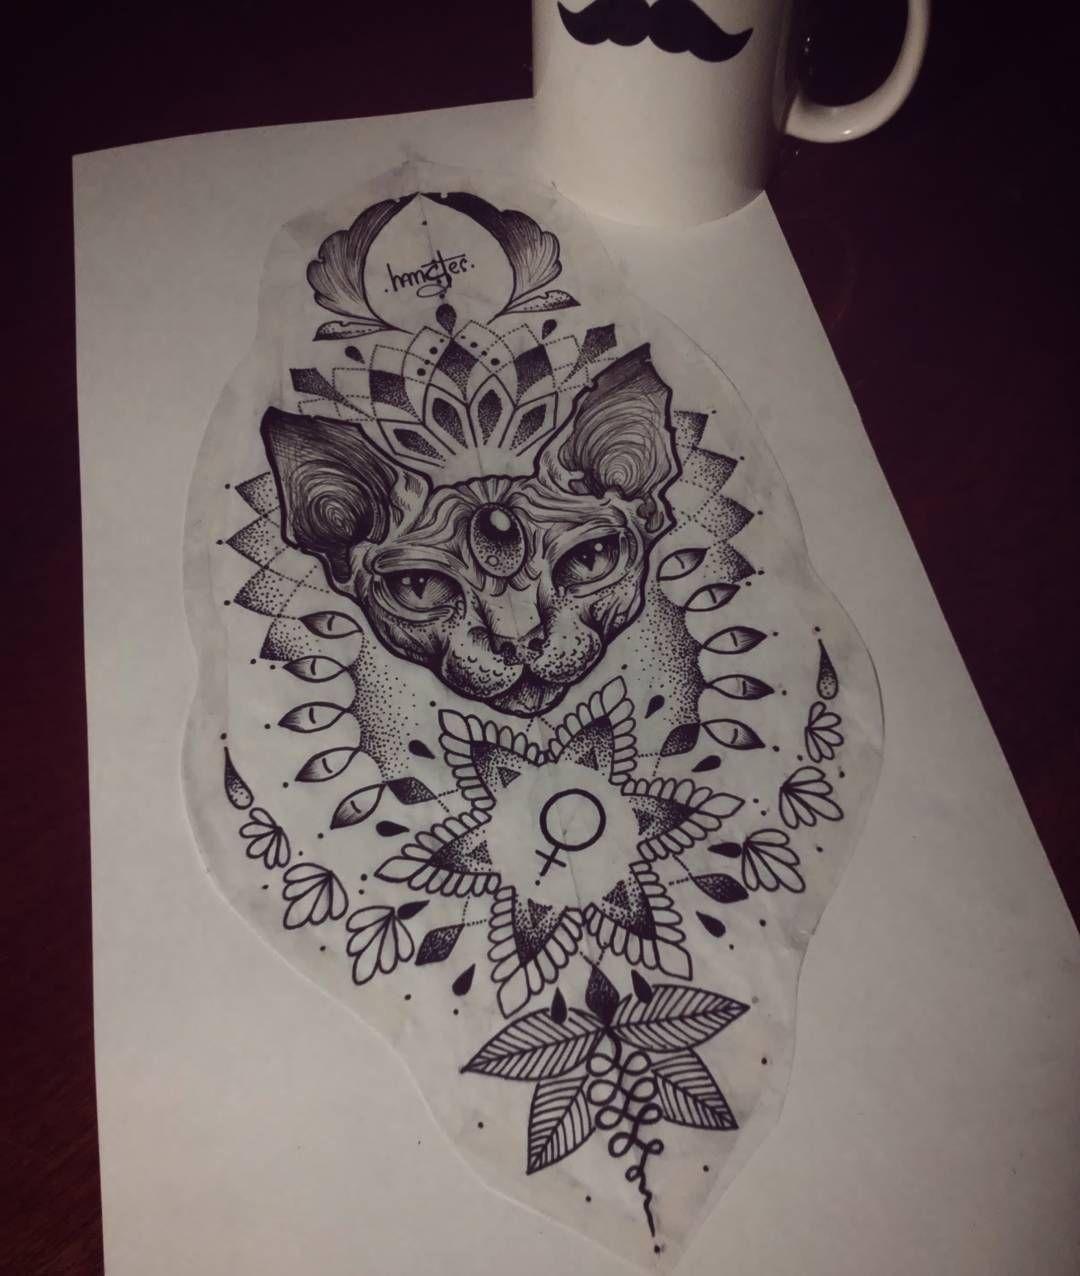 Sketch Dot Hamster Tattoo Mandala Lineart Vip Tattoo Sphynx